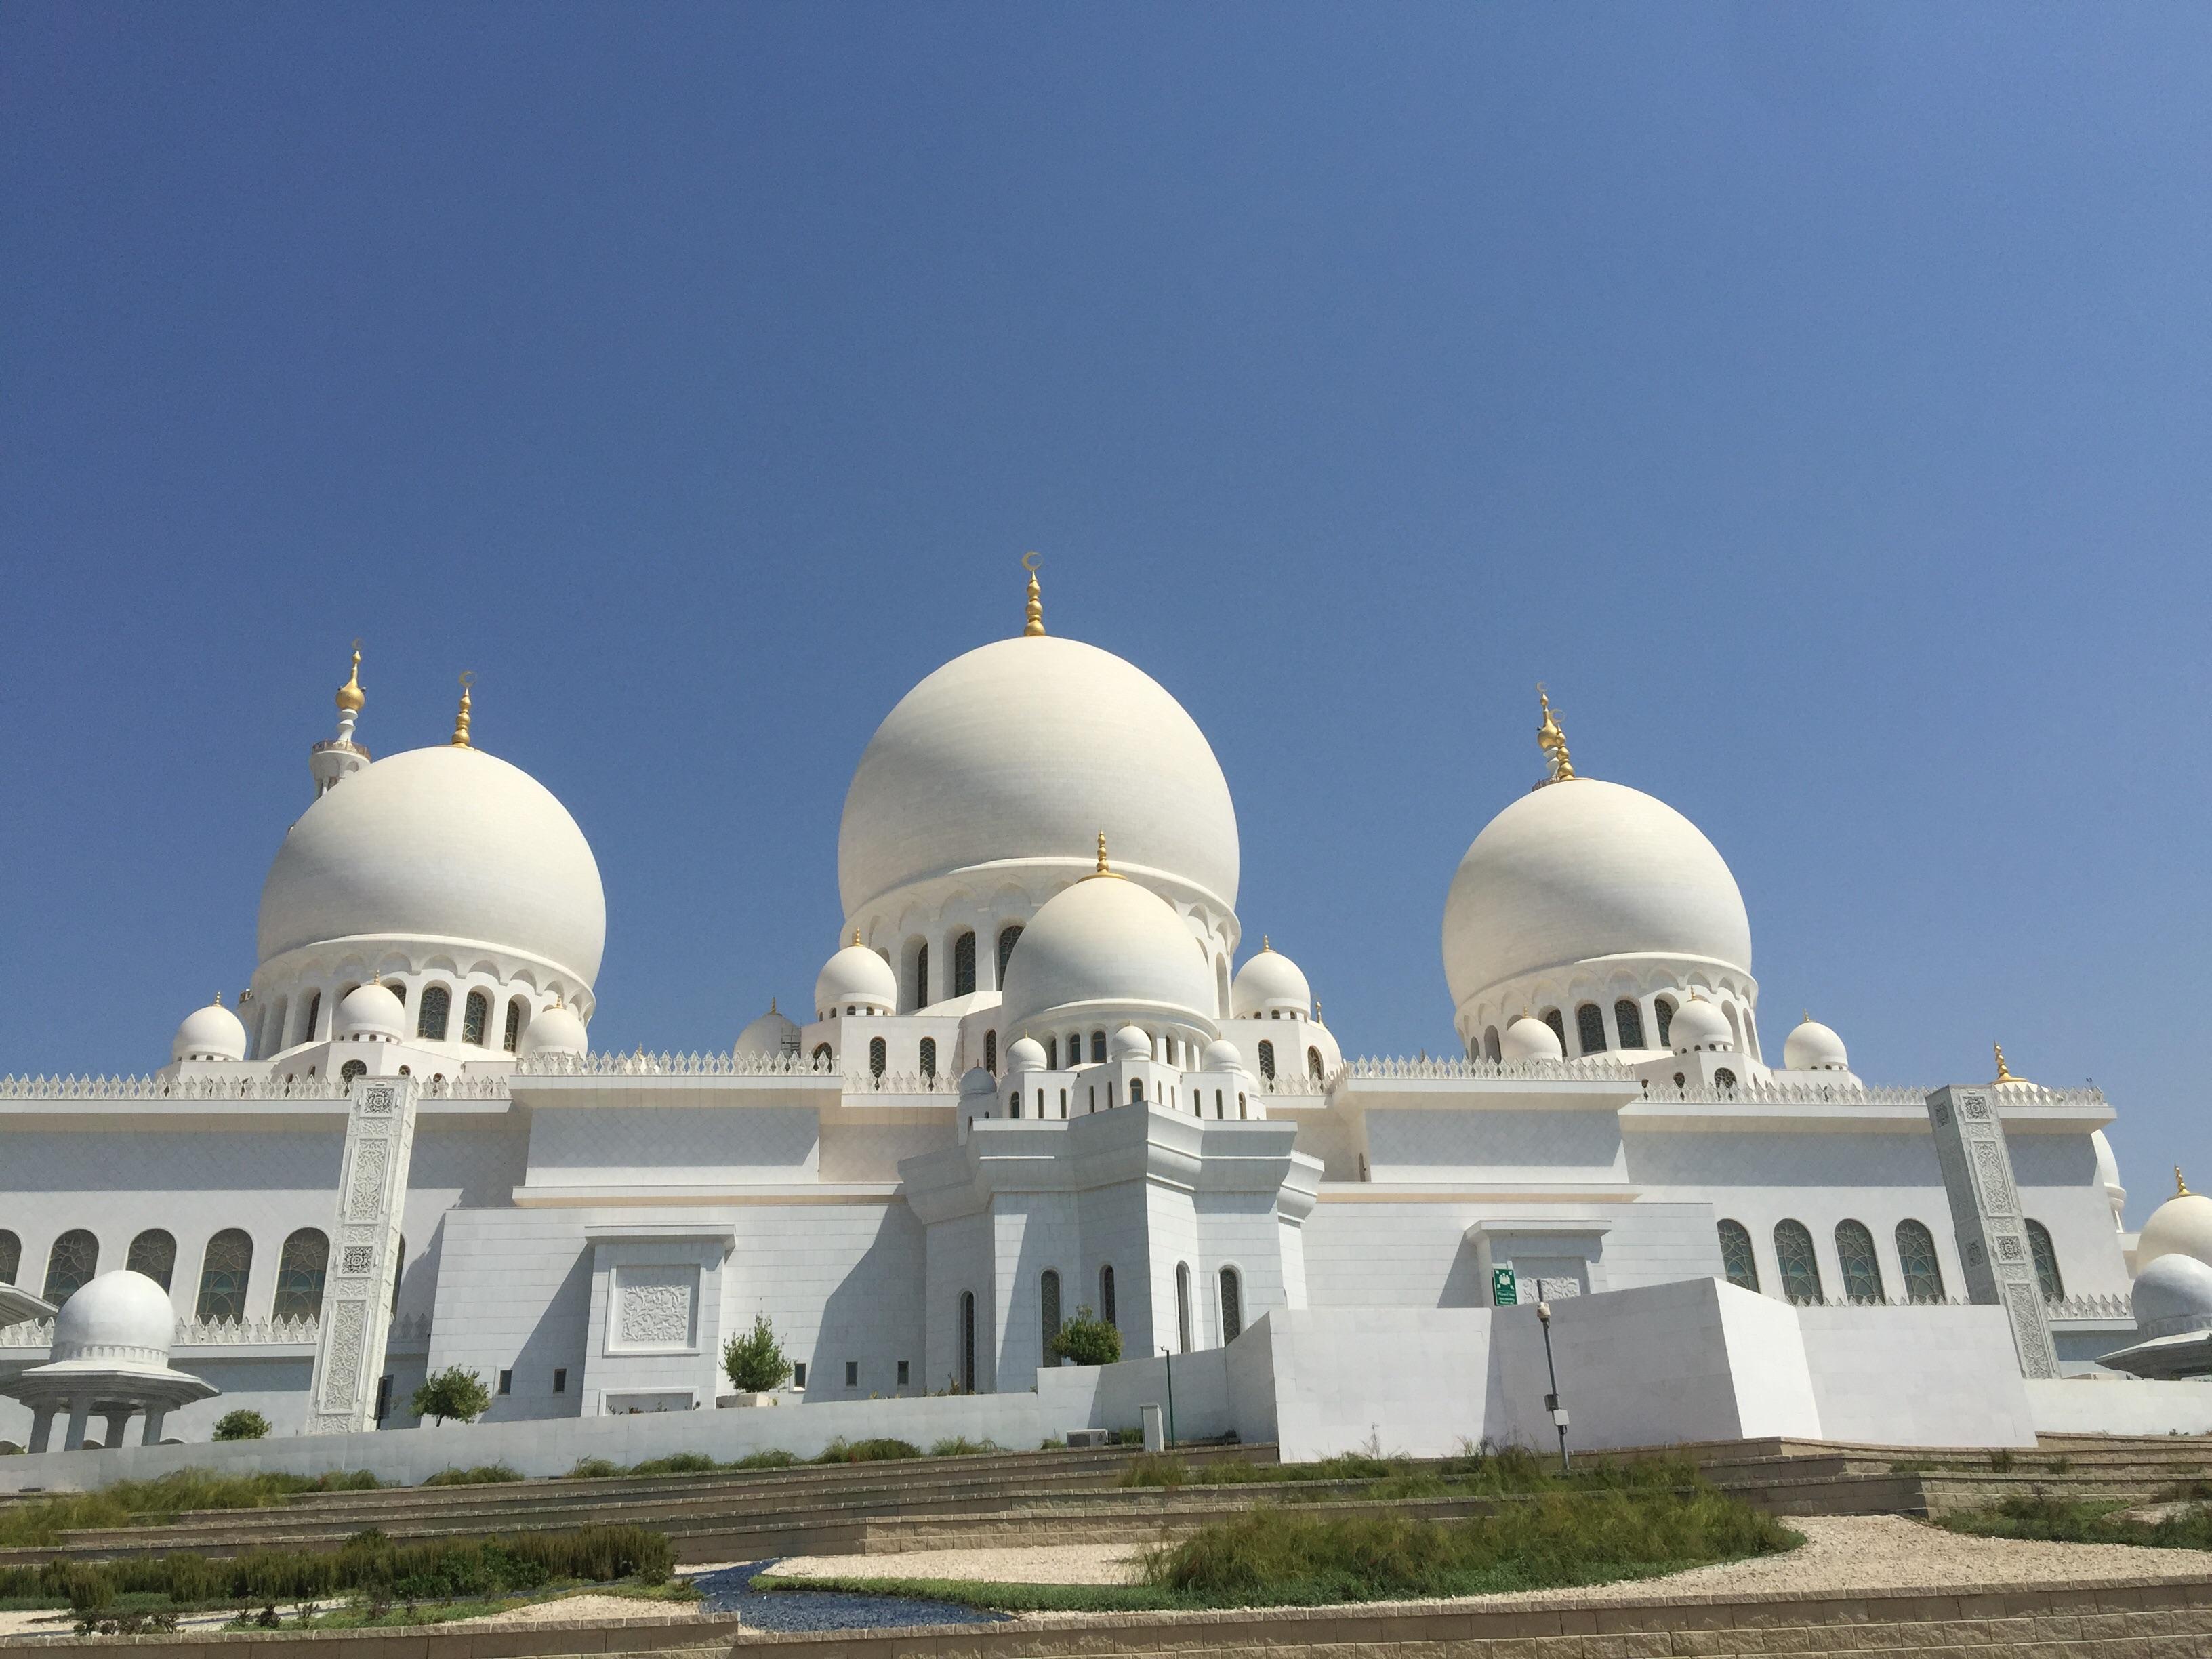 جامع الشيخ زايد ويكيبيديا